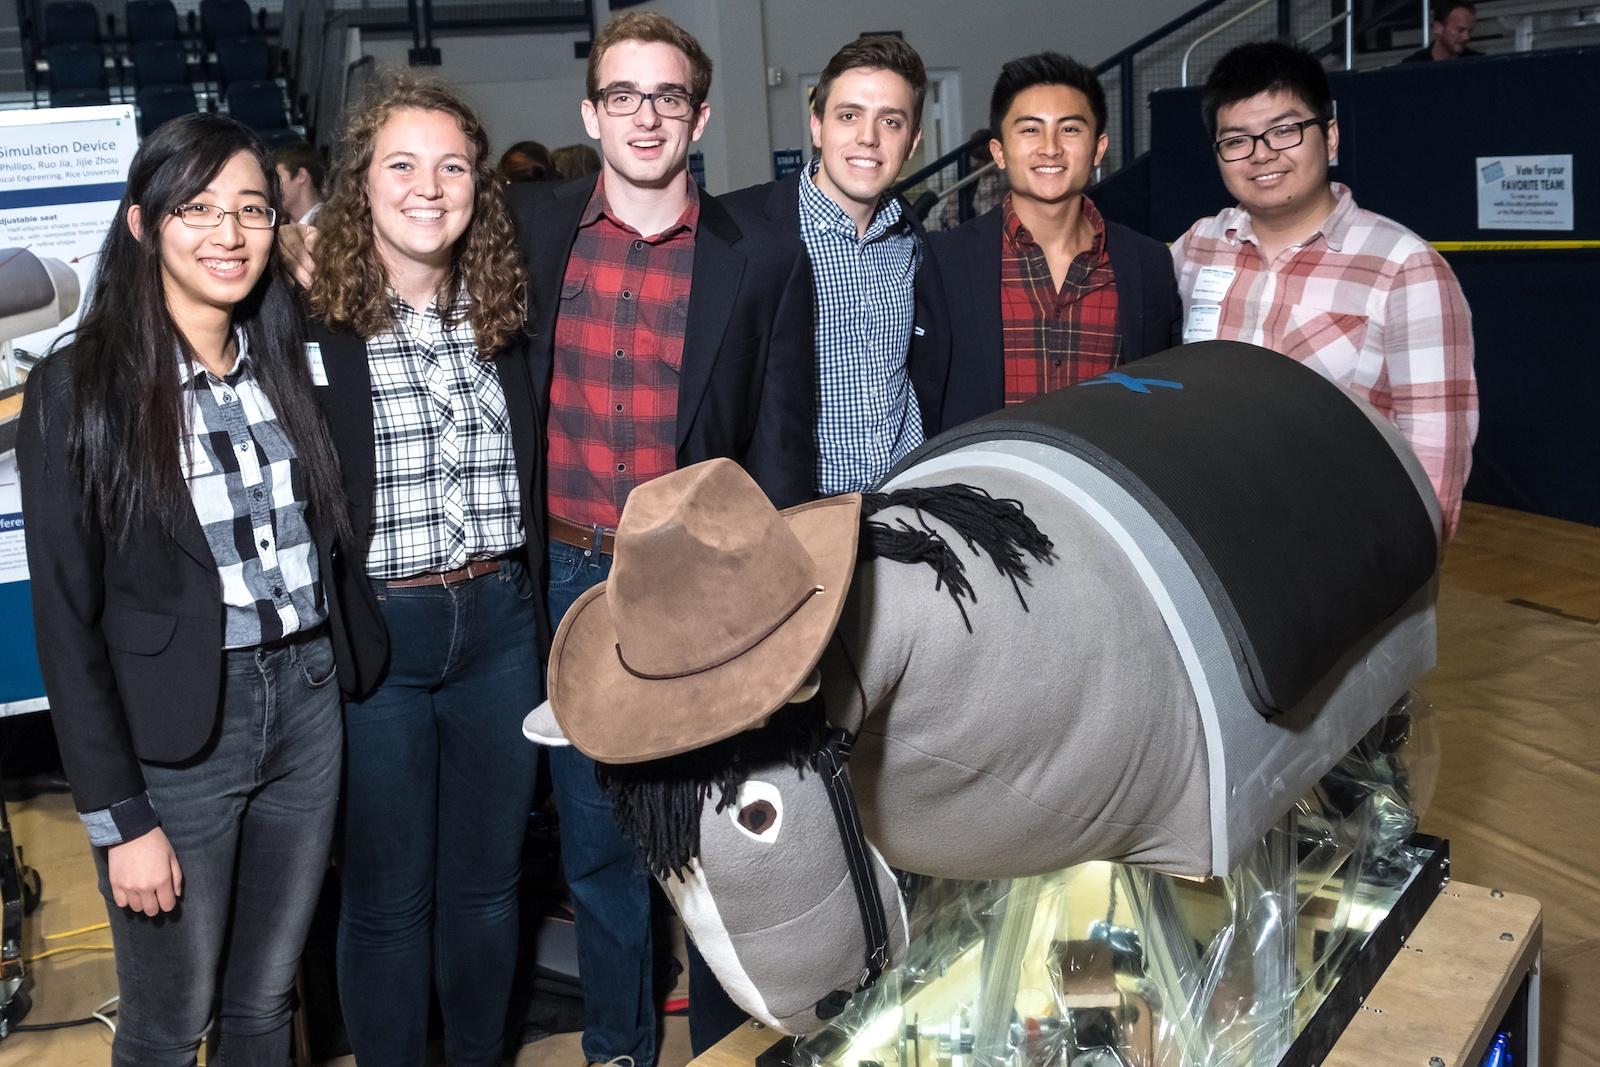 Робот Stewie заменит лошадь в иппотерапии - 1